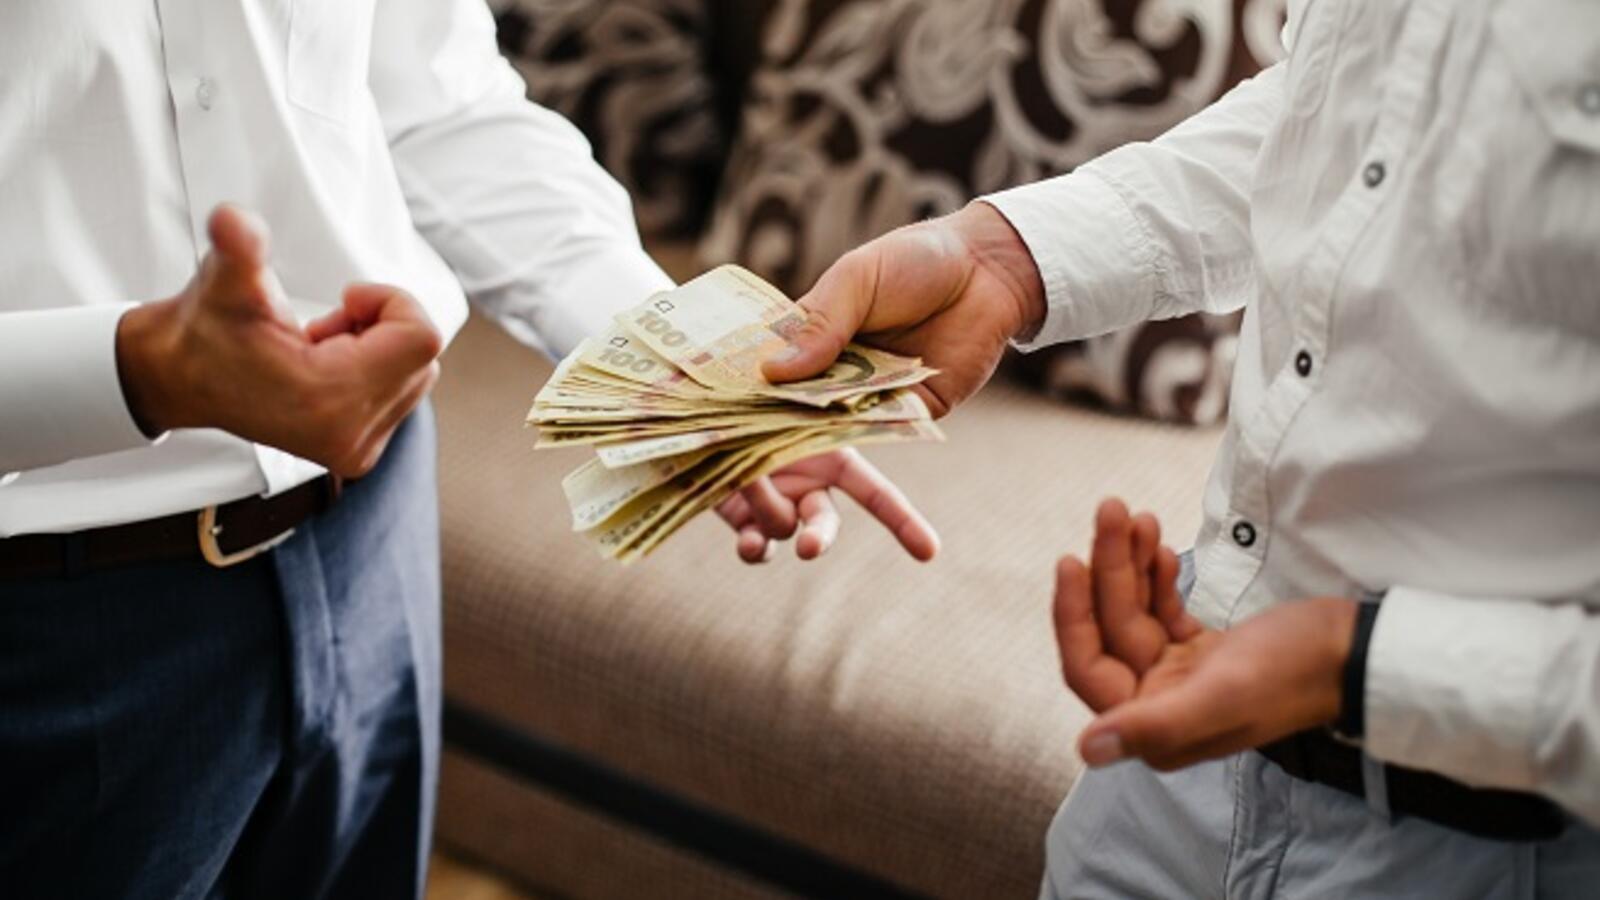 Chuyện mượn tiền và cách cư xử sao cho hợp lí